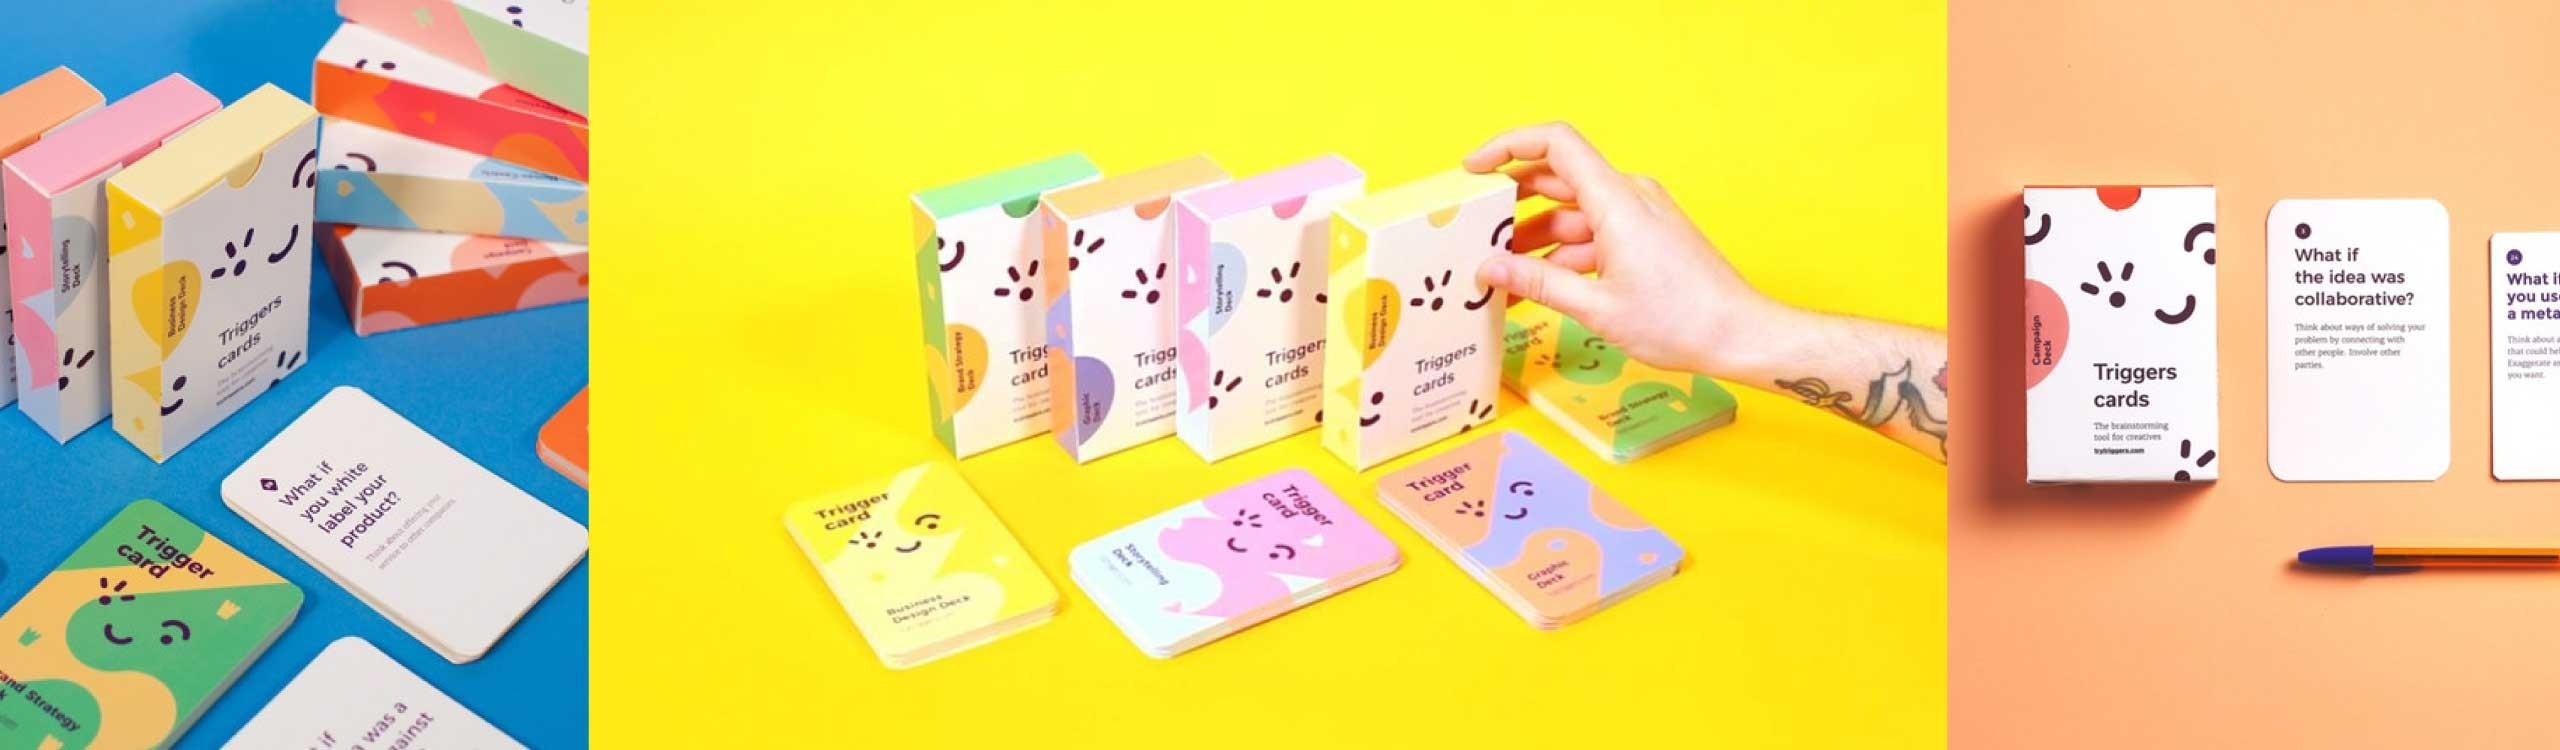 triggers-cartas-creatividad-mis-gafas-de-pasta-destacado